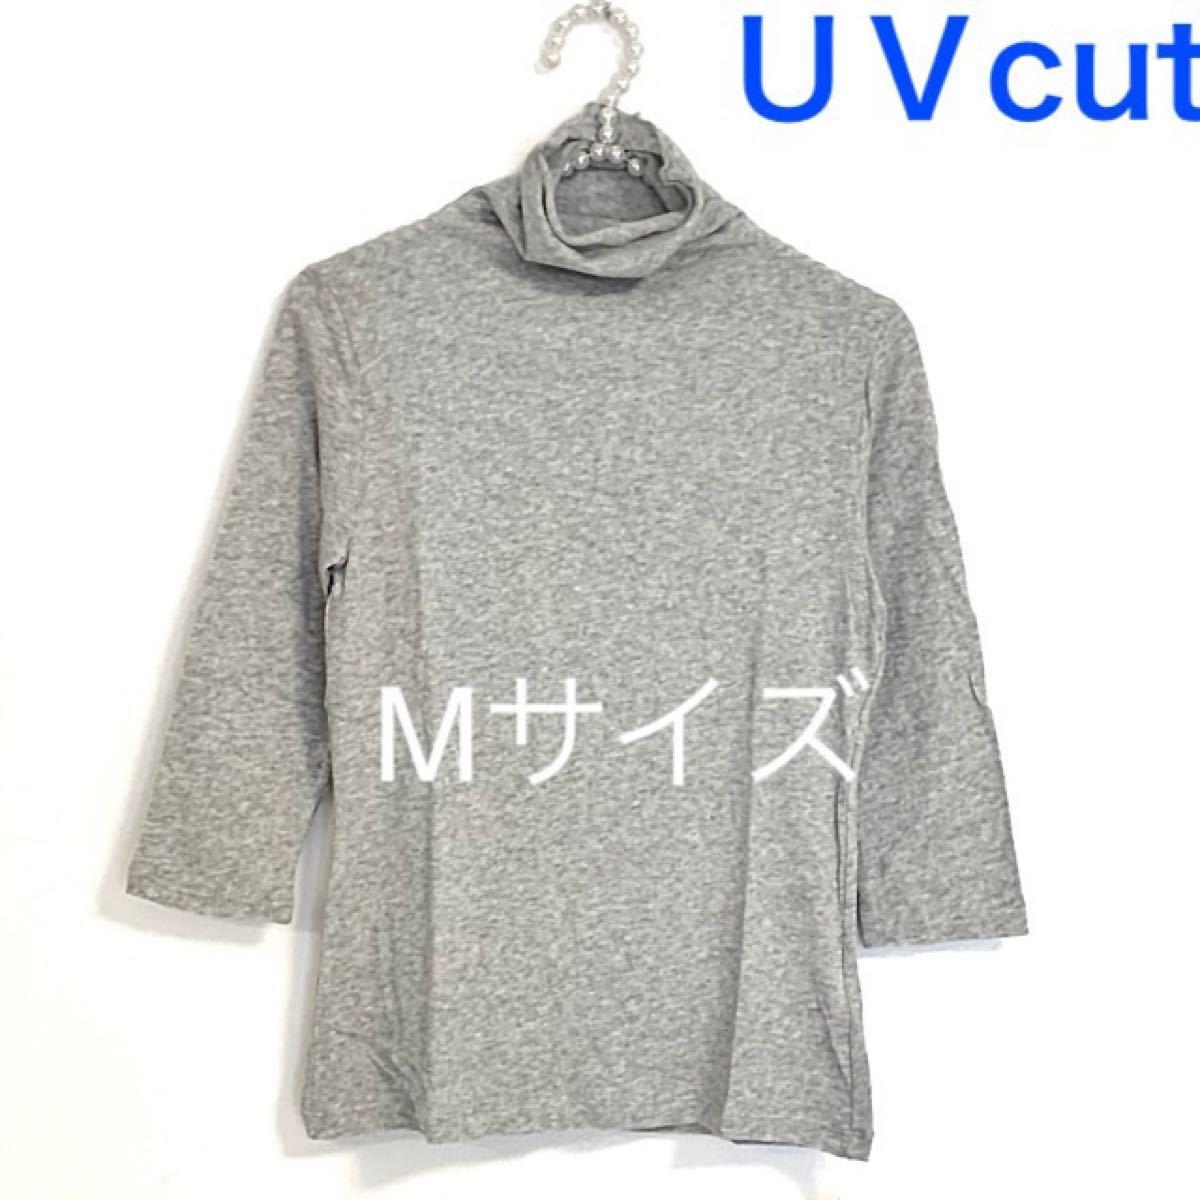 7分袖【Mサイズ】杢グレー★UVカットハイネックカットソー